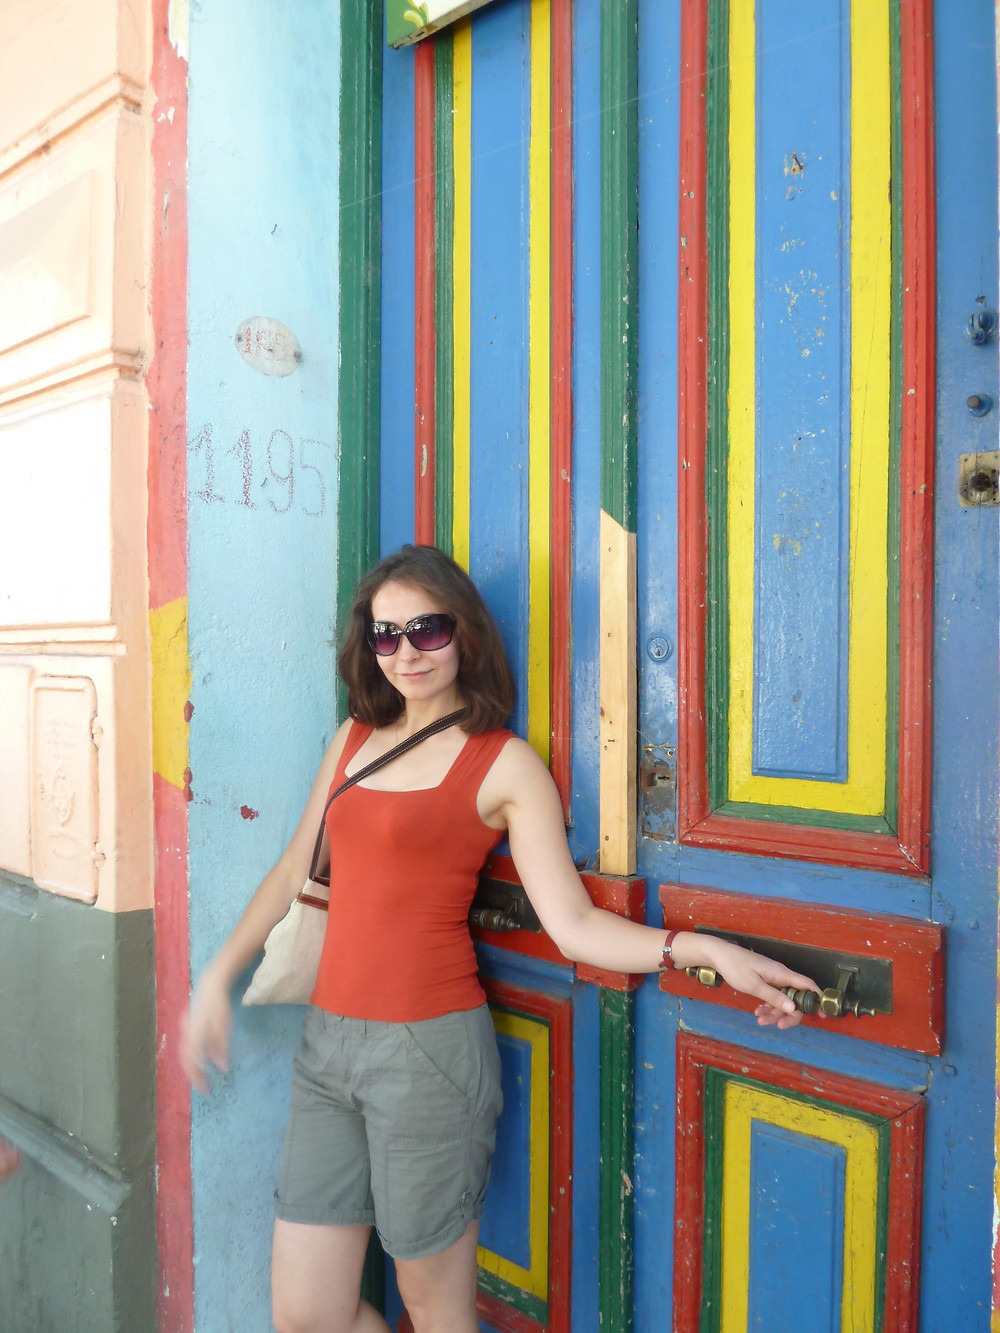 La Boca Door